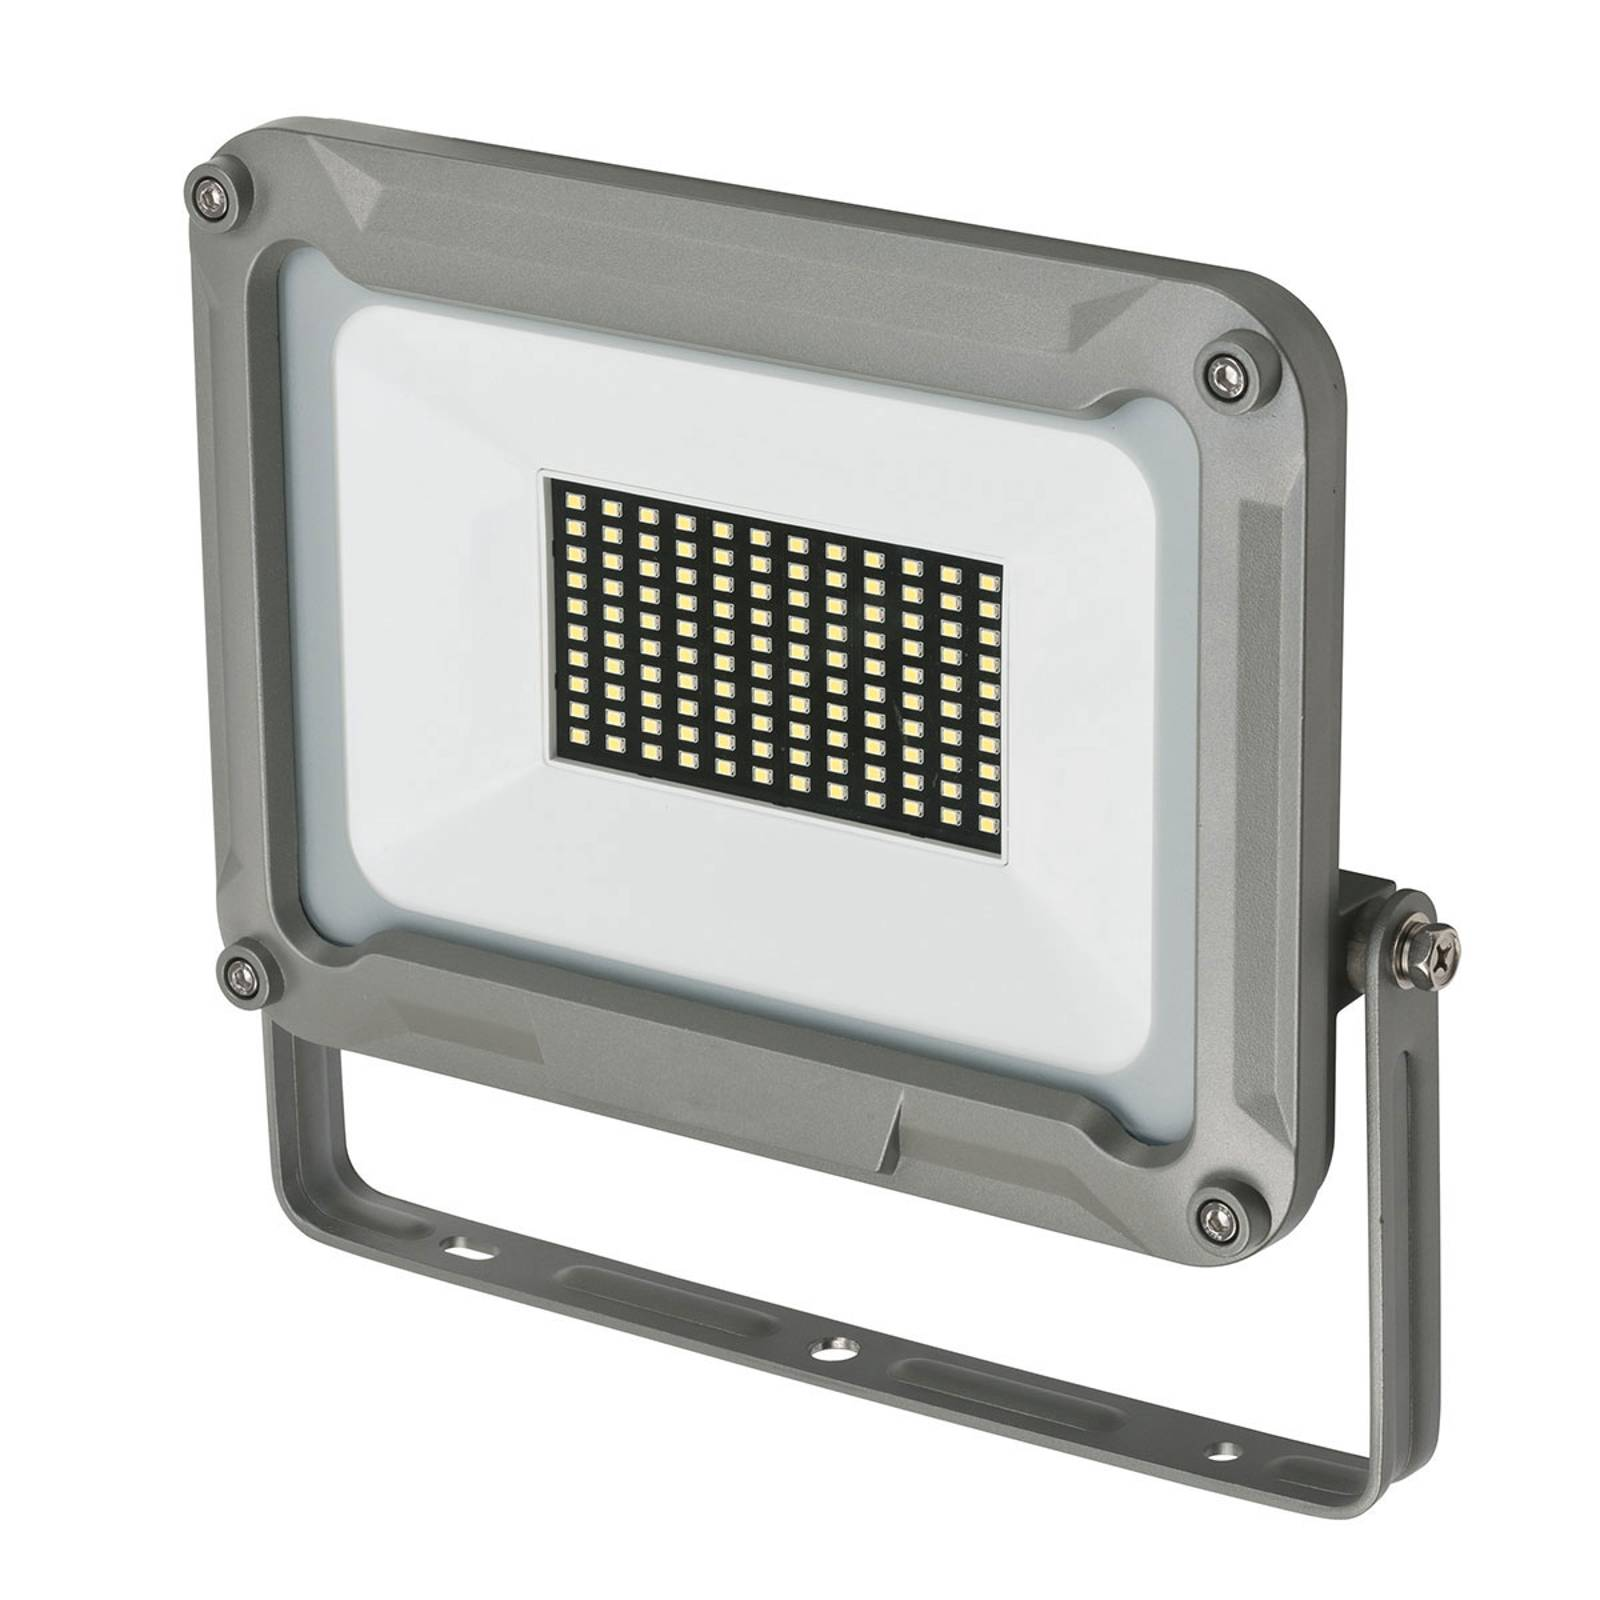 LED-ulkokohdevalaisin Jaro asennukseen IP65 80W